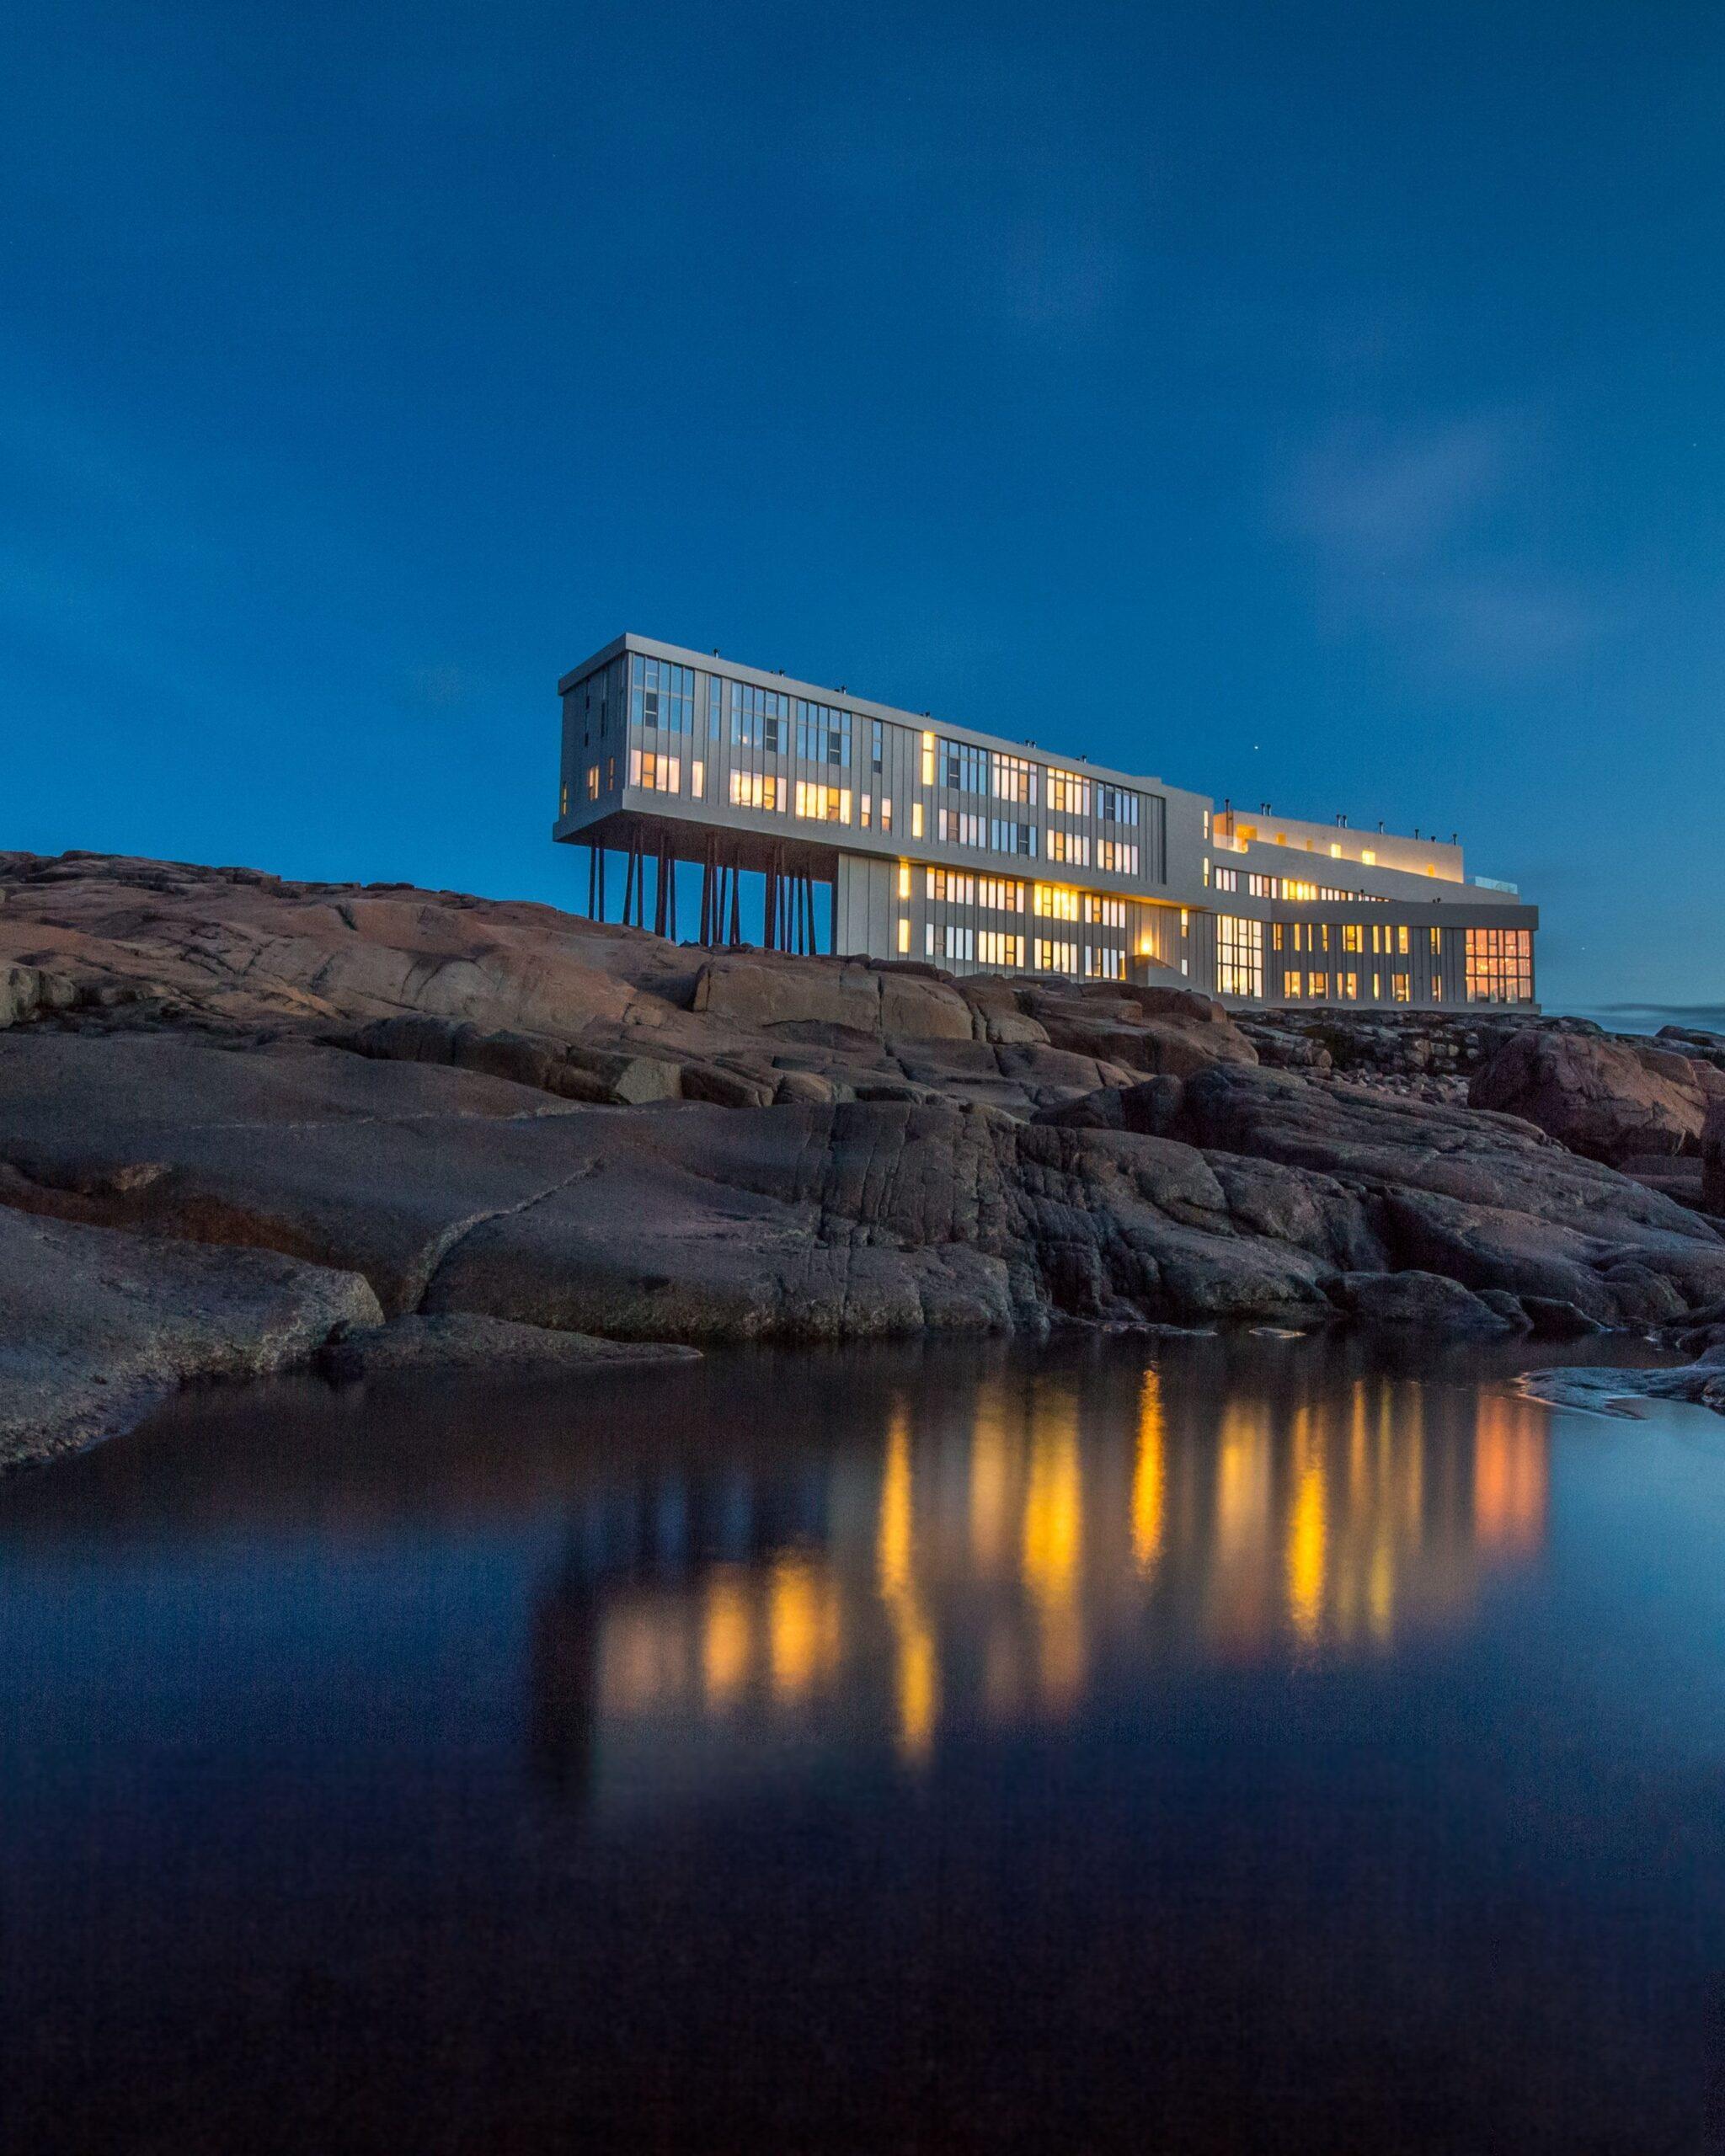 Fogo Island Inn καναδάς πάνω στα βράχια φωτισμένο τη νύχτα